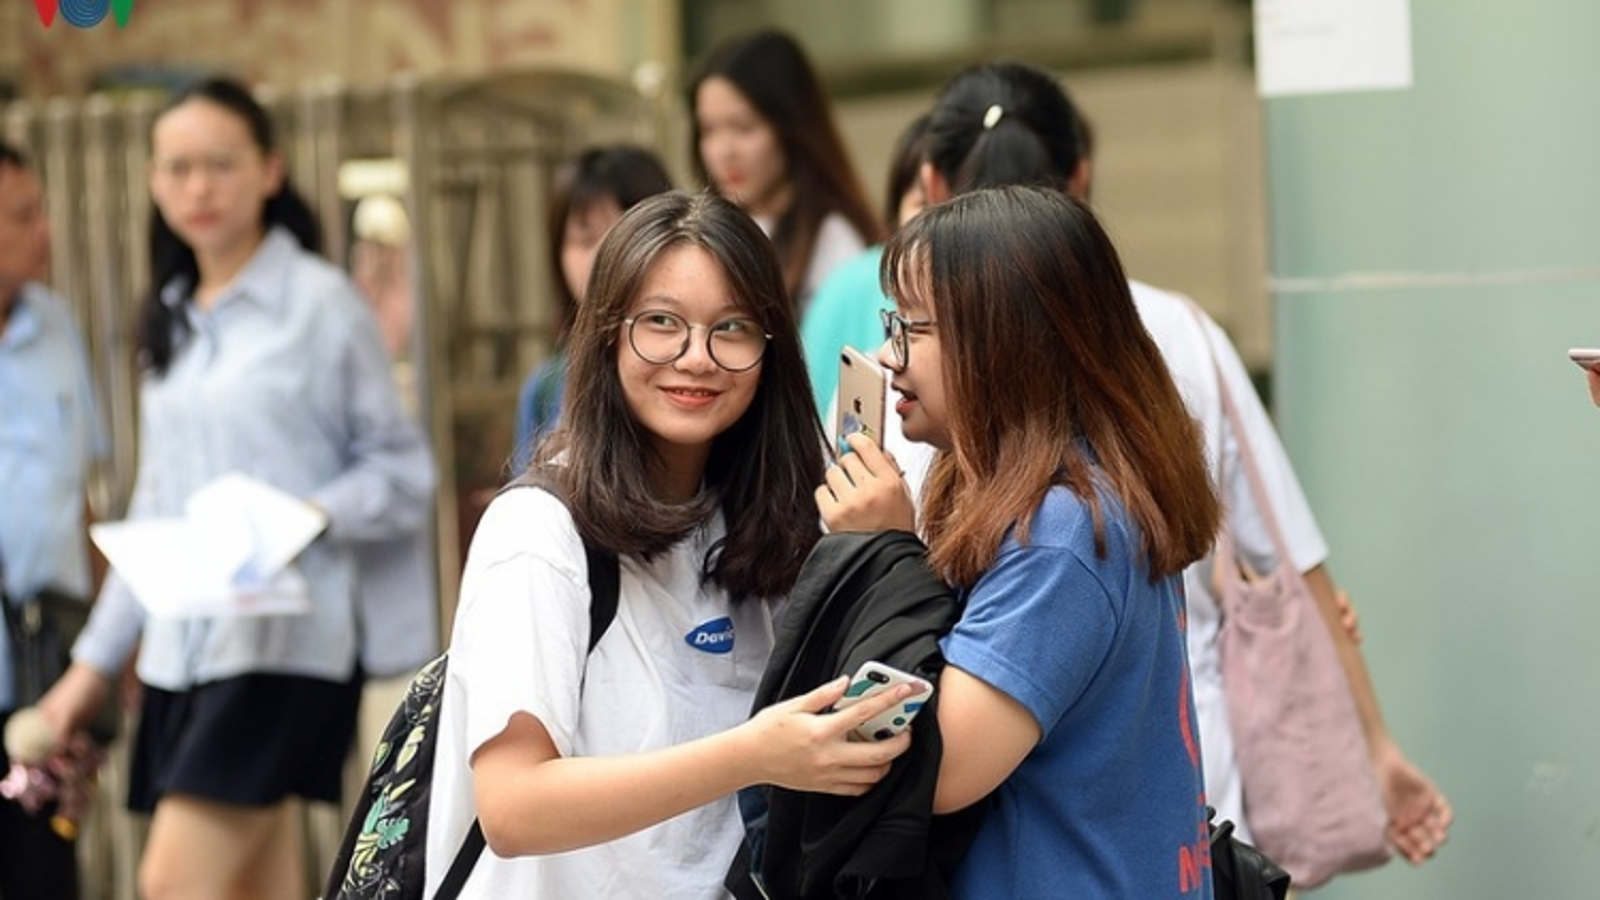 Thí sinh cần lưu ý gì khi đăng ký nguyện vọng thi vào lớp 10 tại Hà Nội